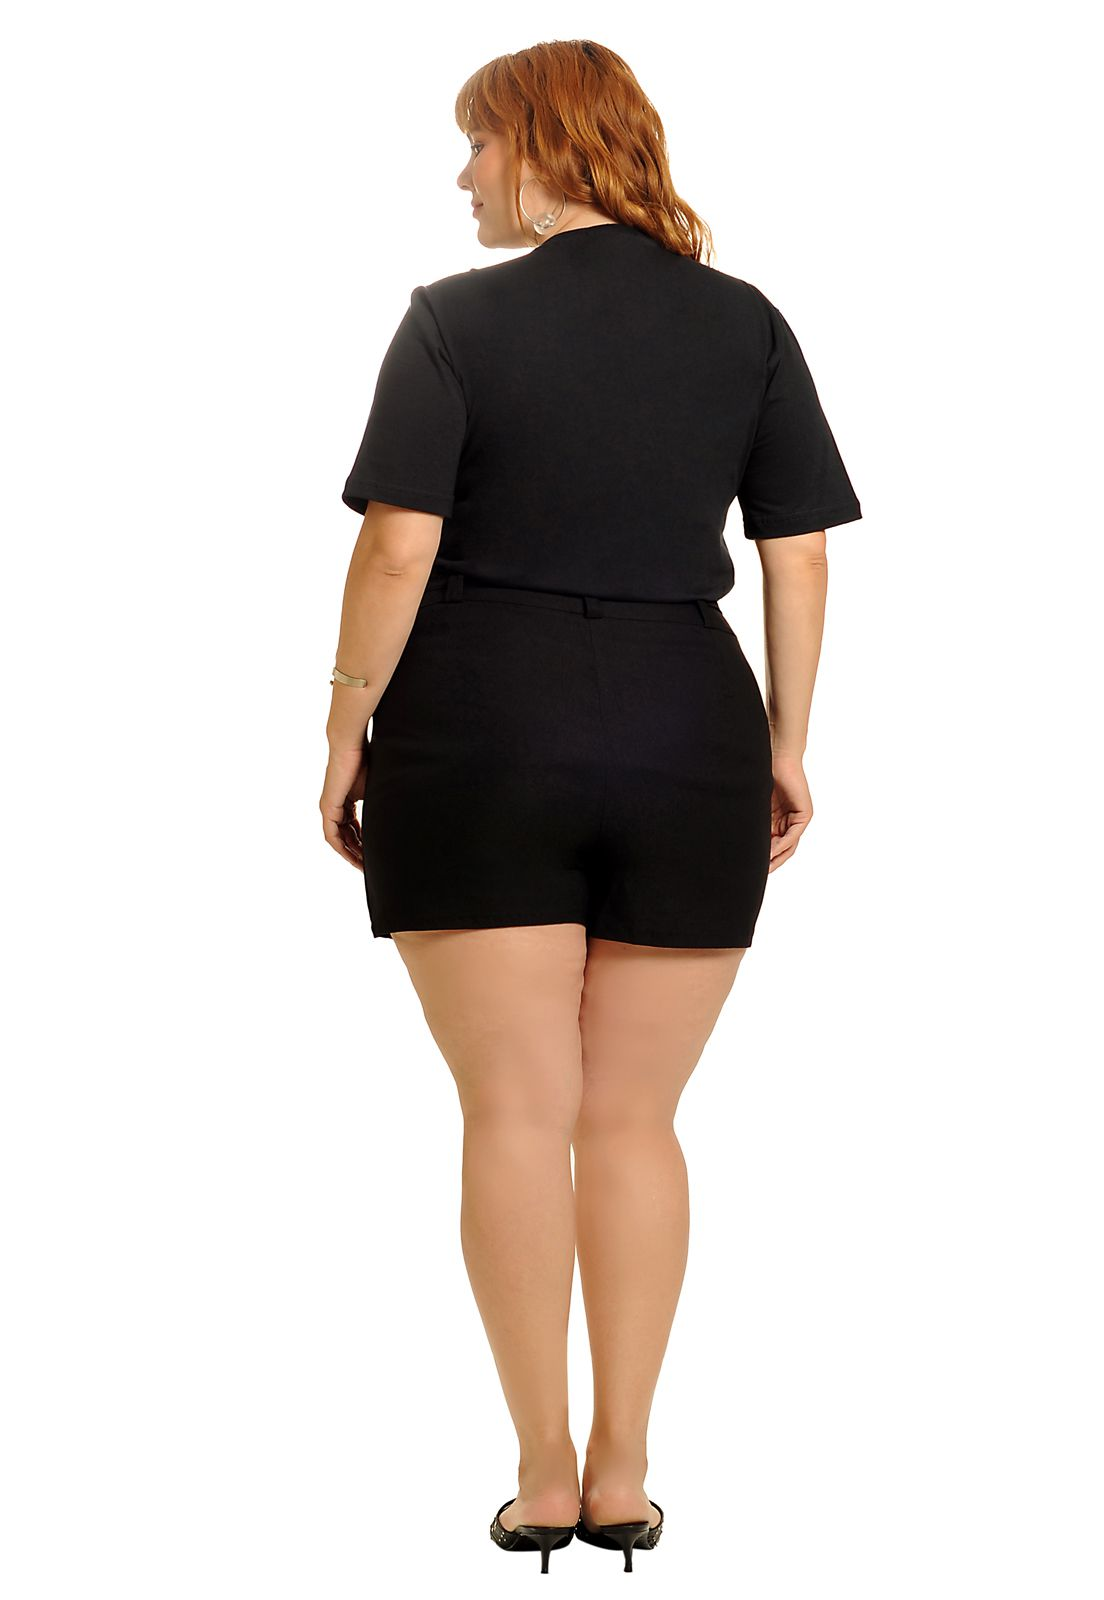 Camiseta long line queen preta plus size